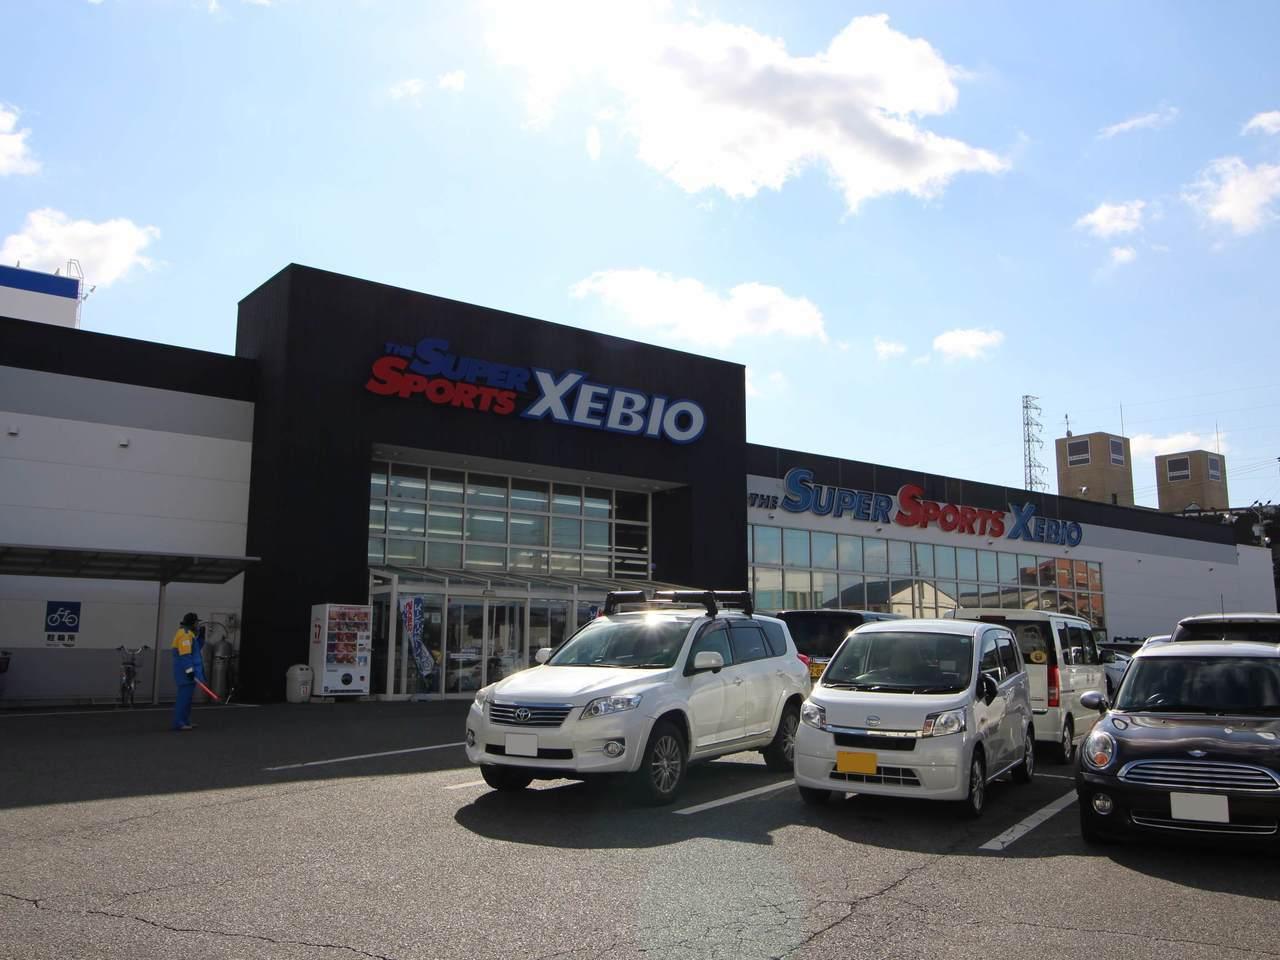 【ショッピングセンター】スーパースポーツゼビオ豊橋向山店まで徒歩14分(1055m)